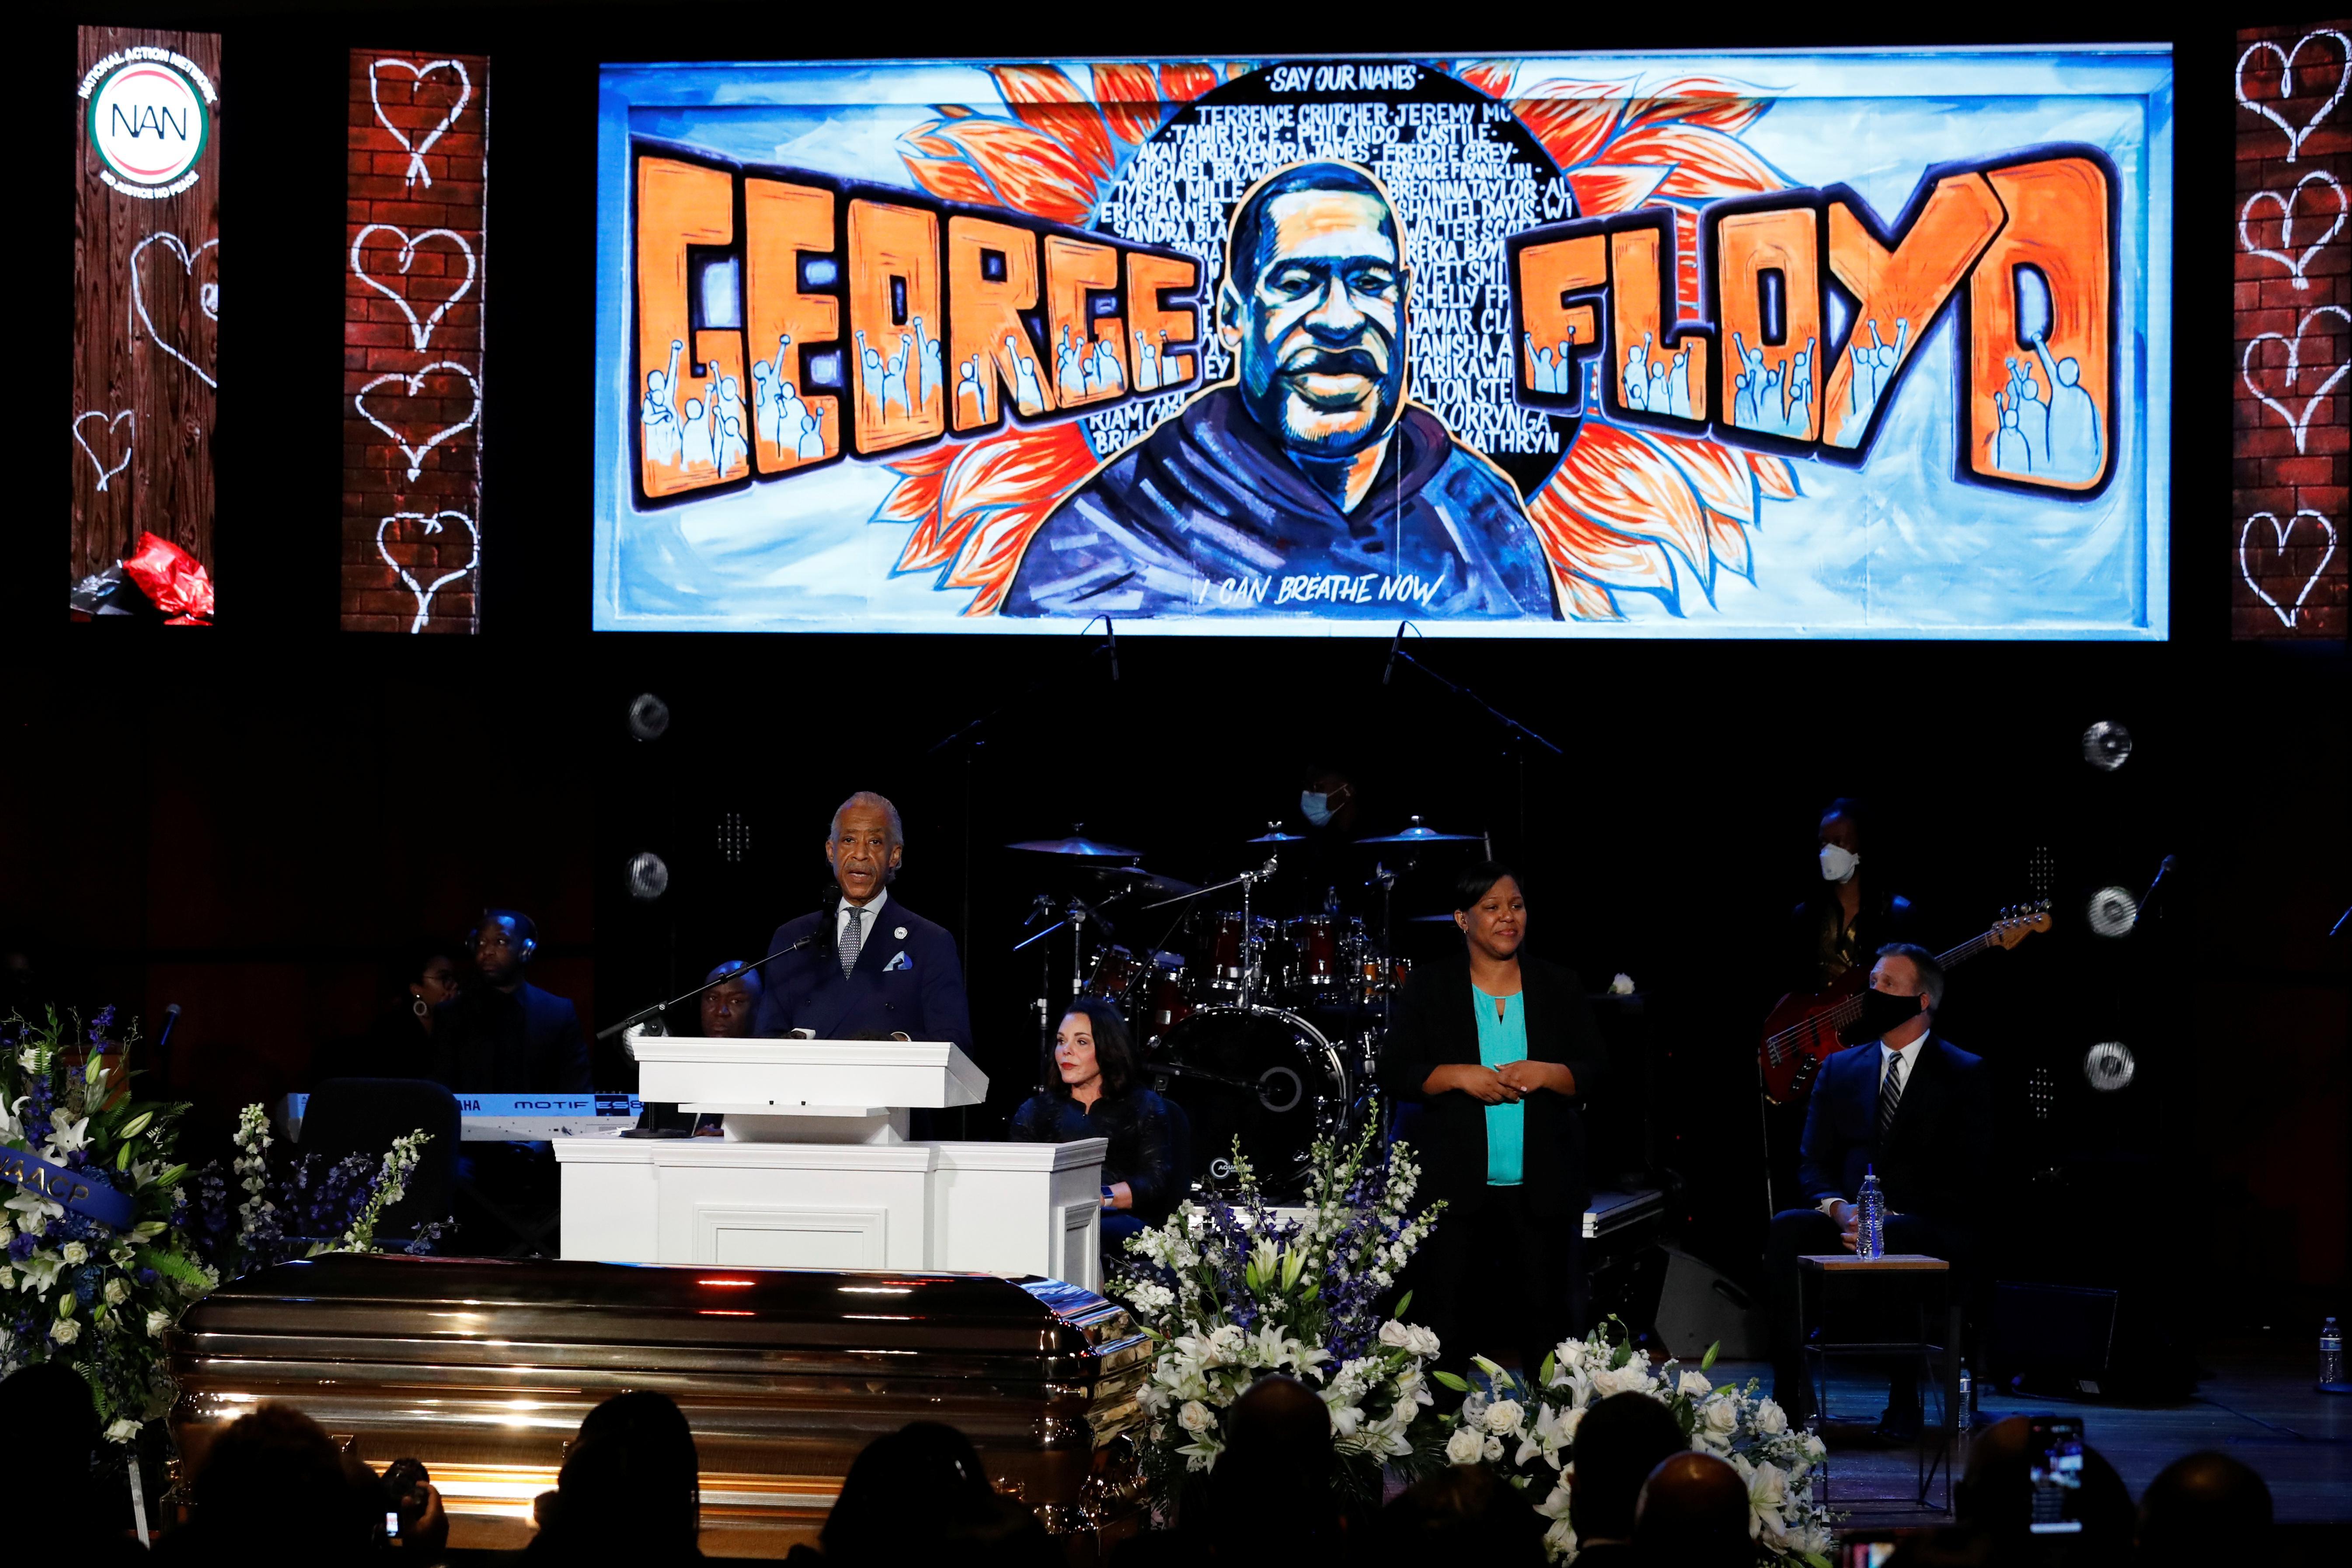 « Mettez votre genou à genoux '', a déclaré la militante Sharpton au mémorial de George Floyd